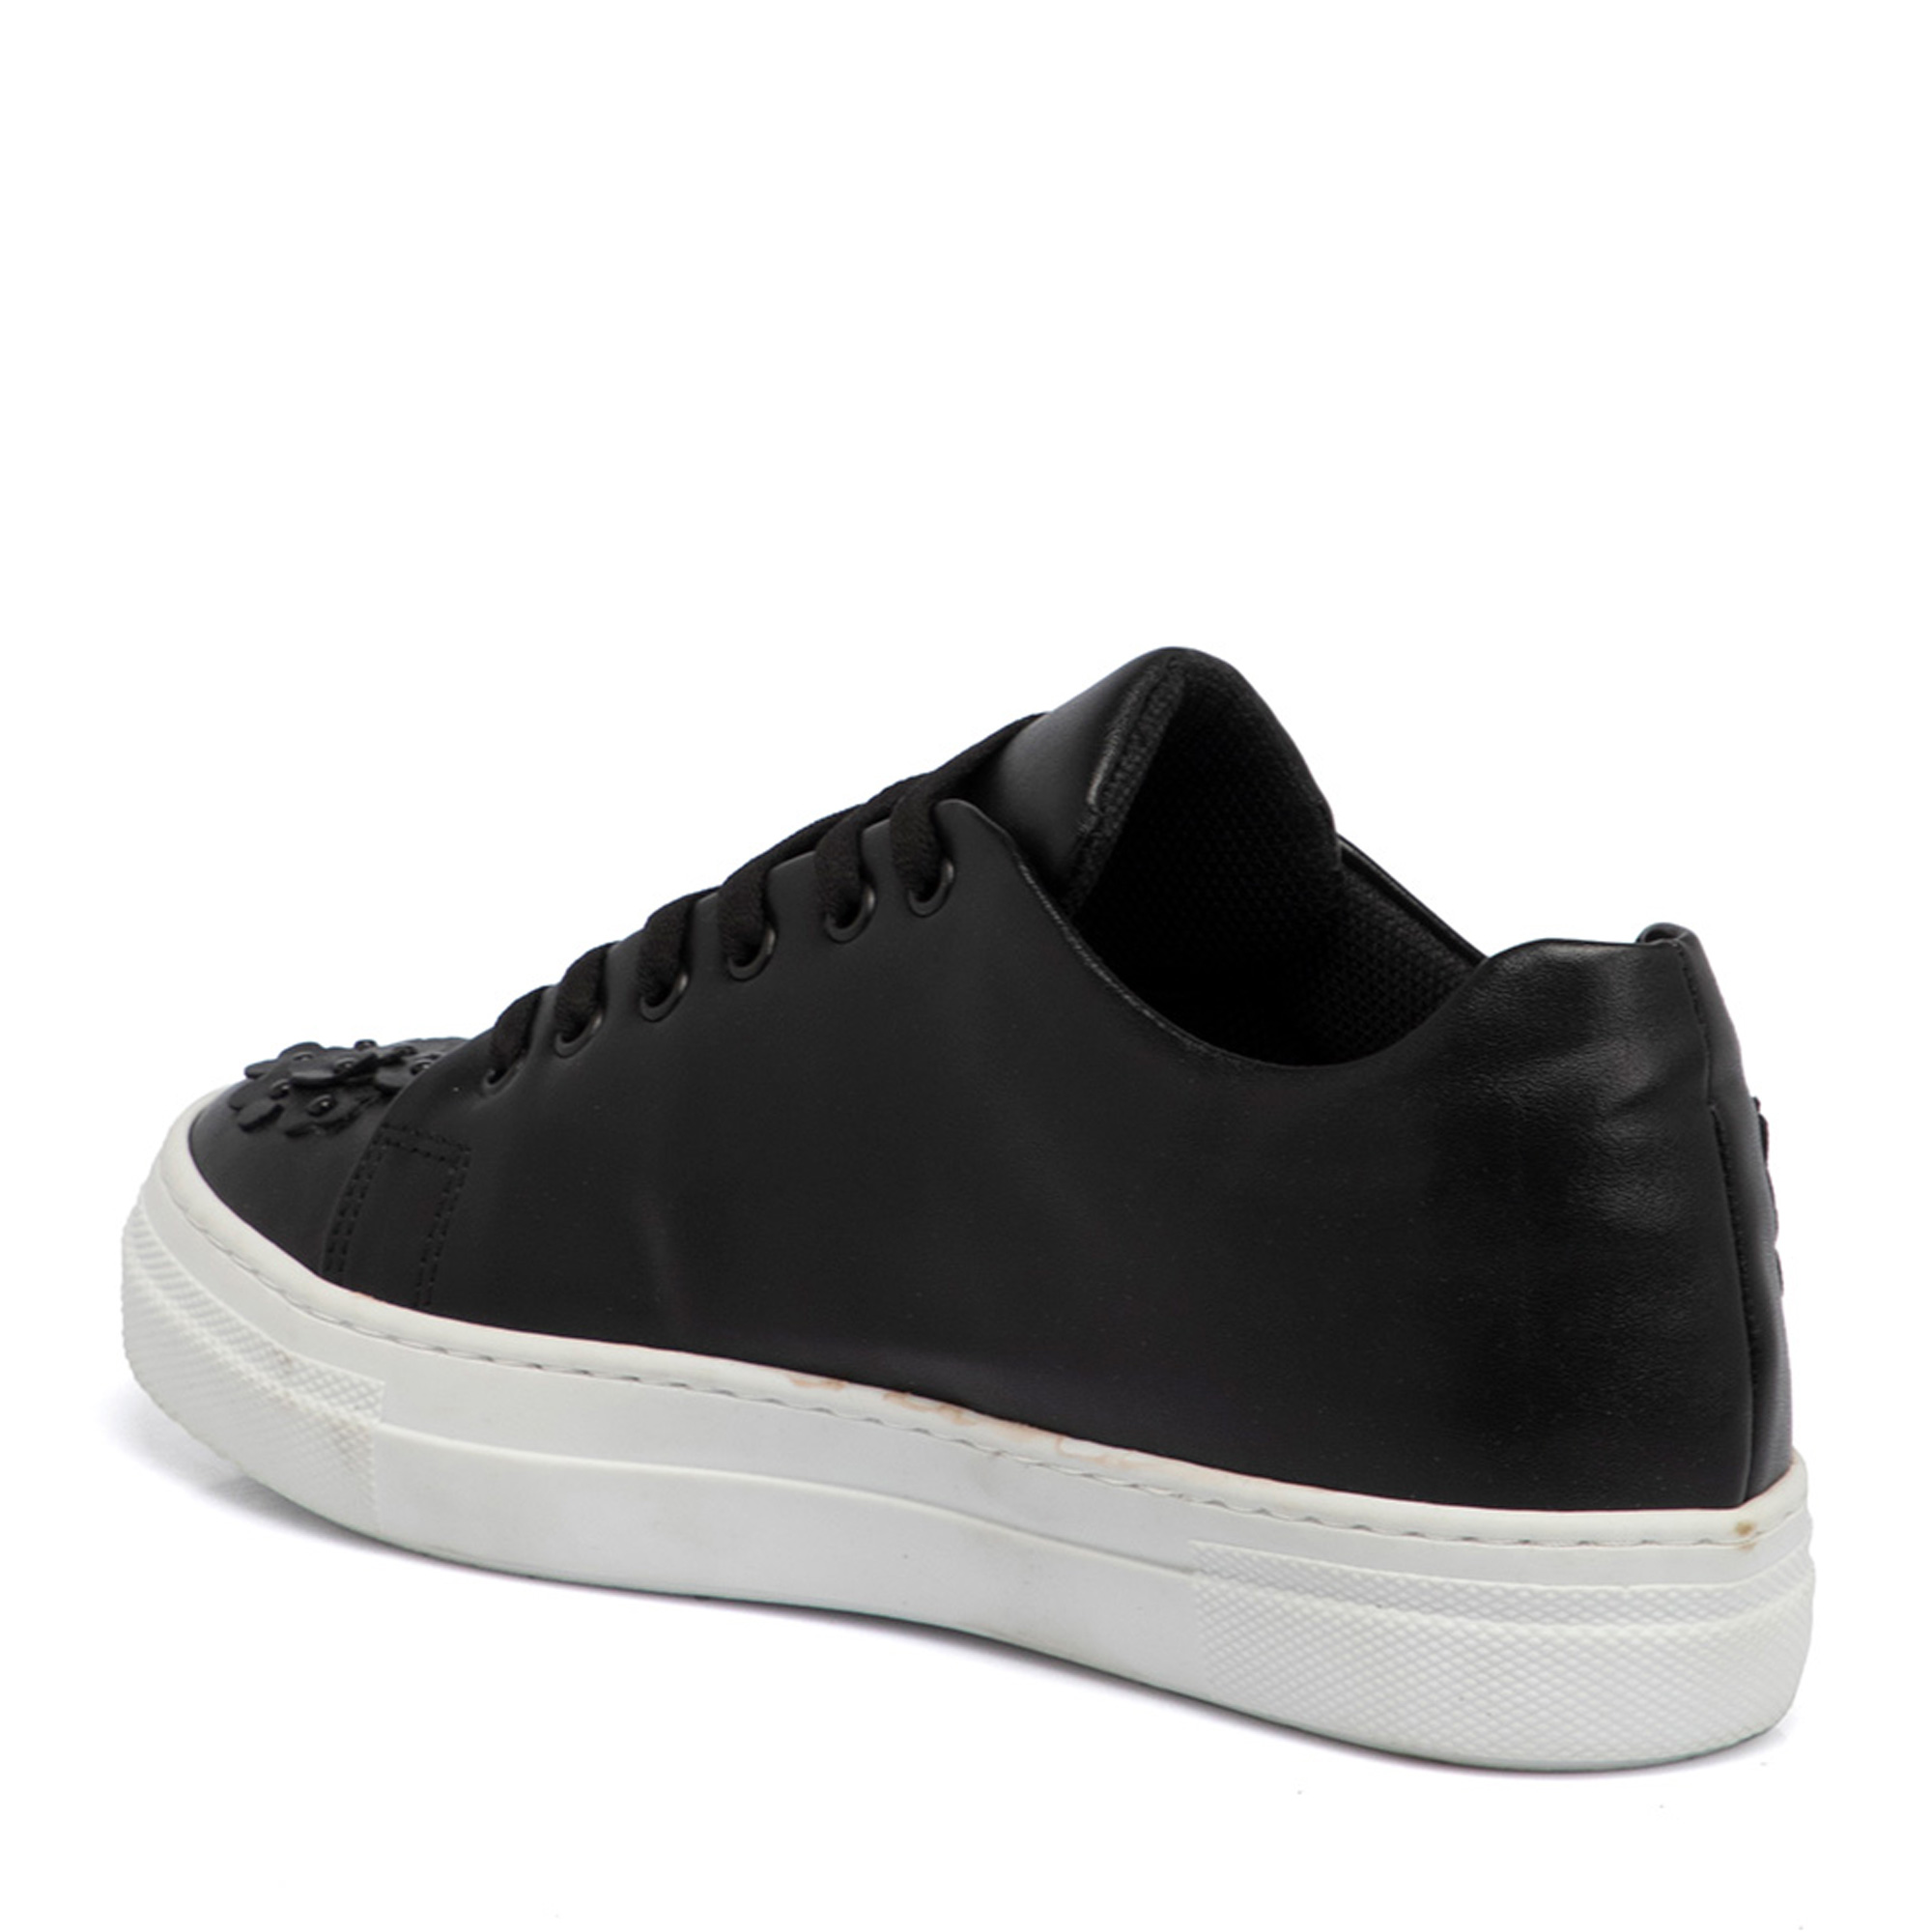 Siyah Tekstil Kadın Ayakkabı 64258D62